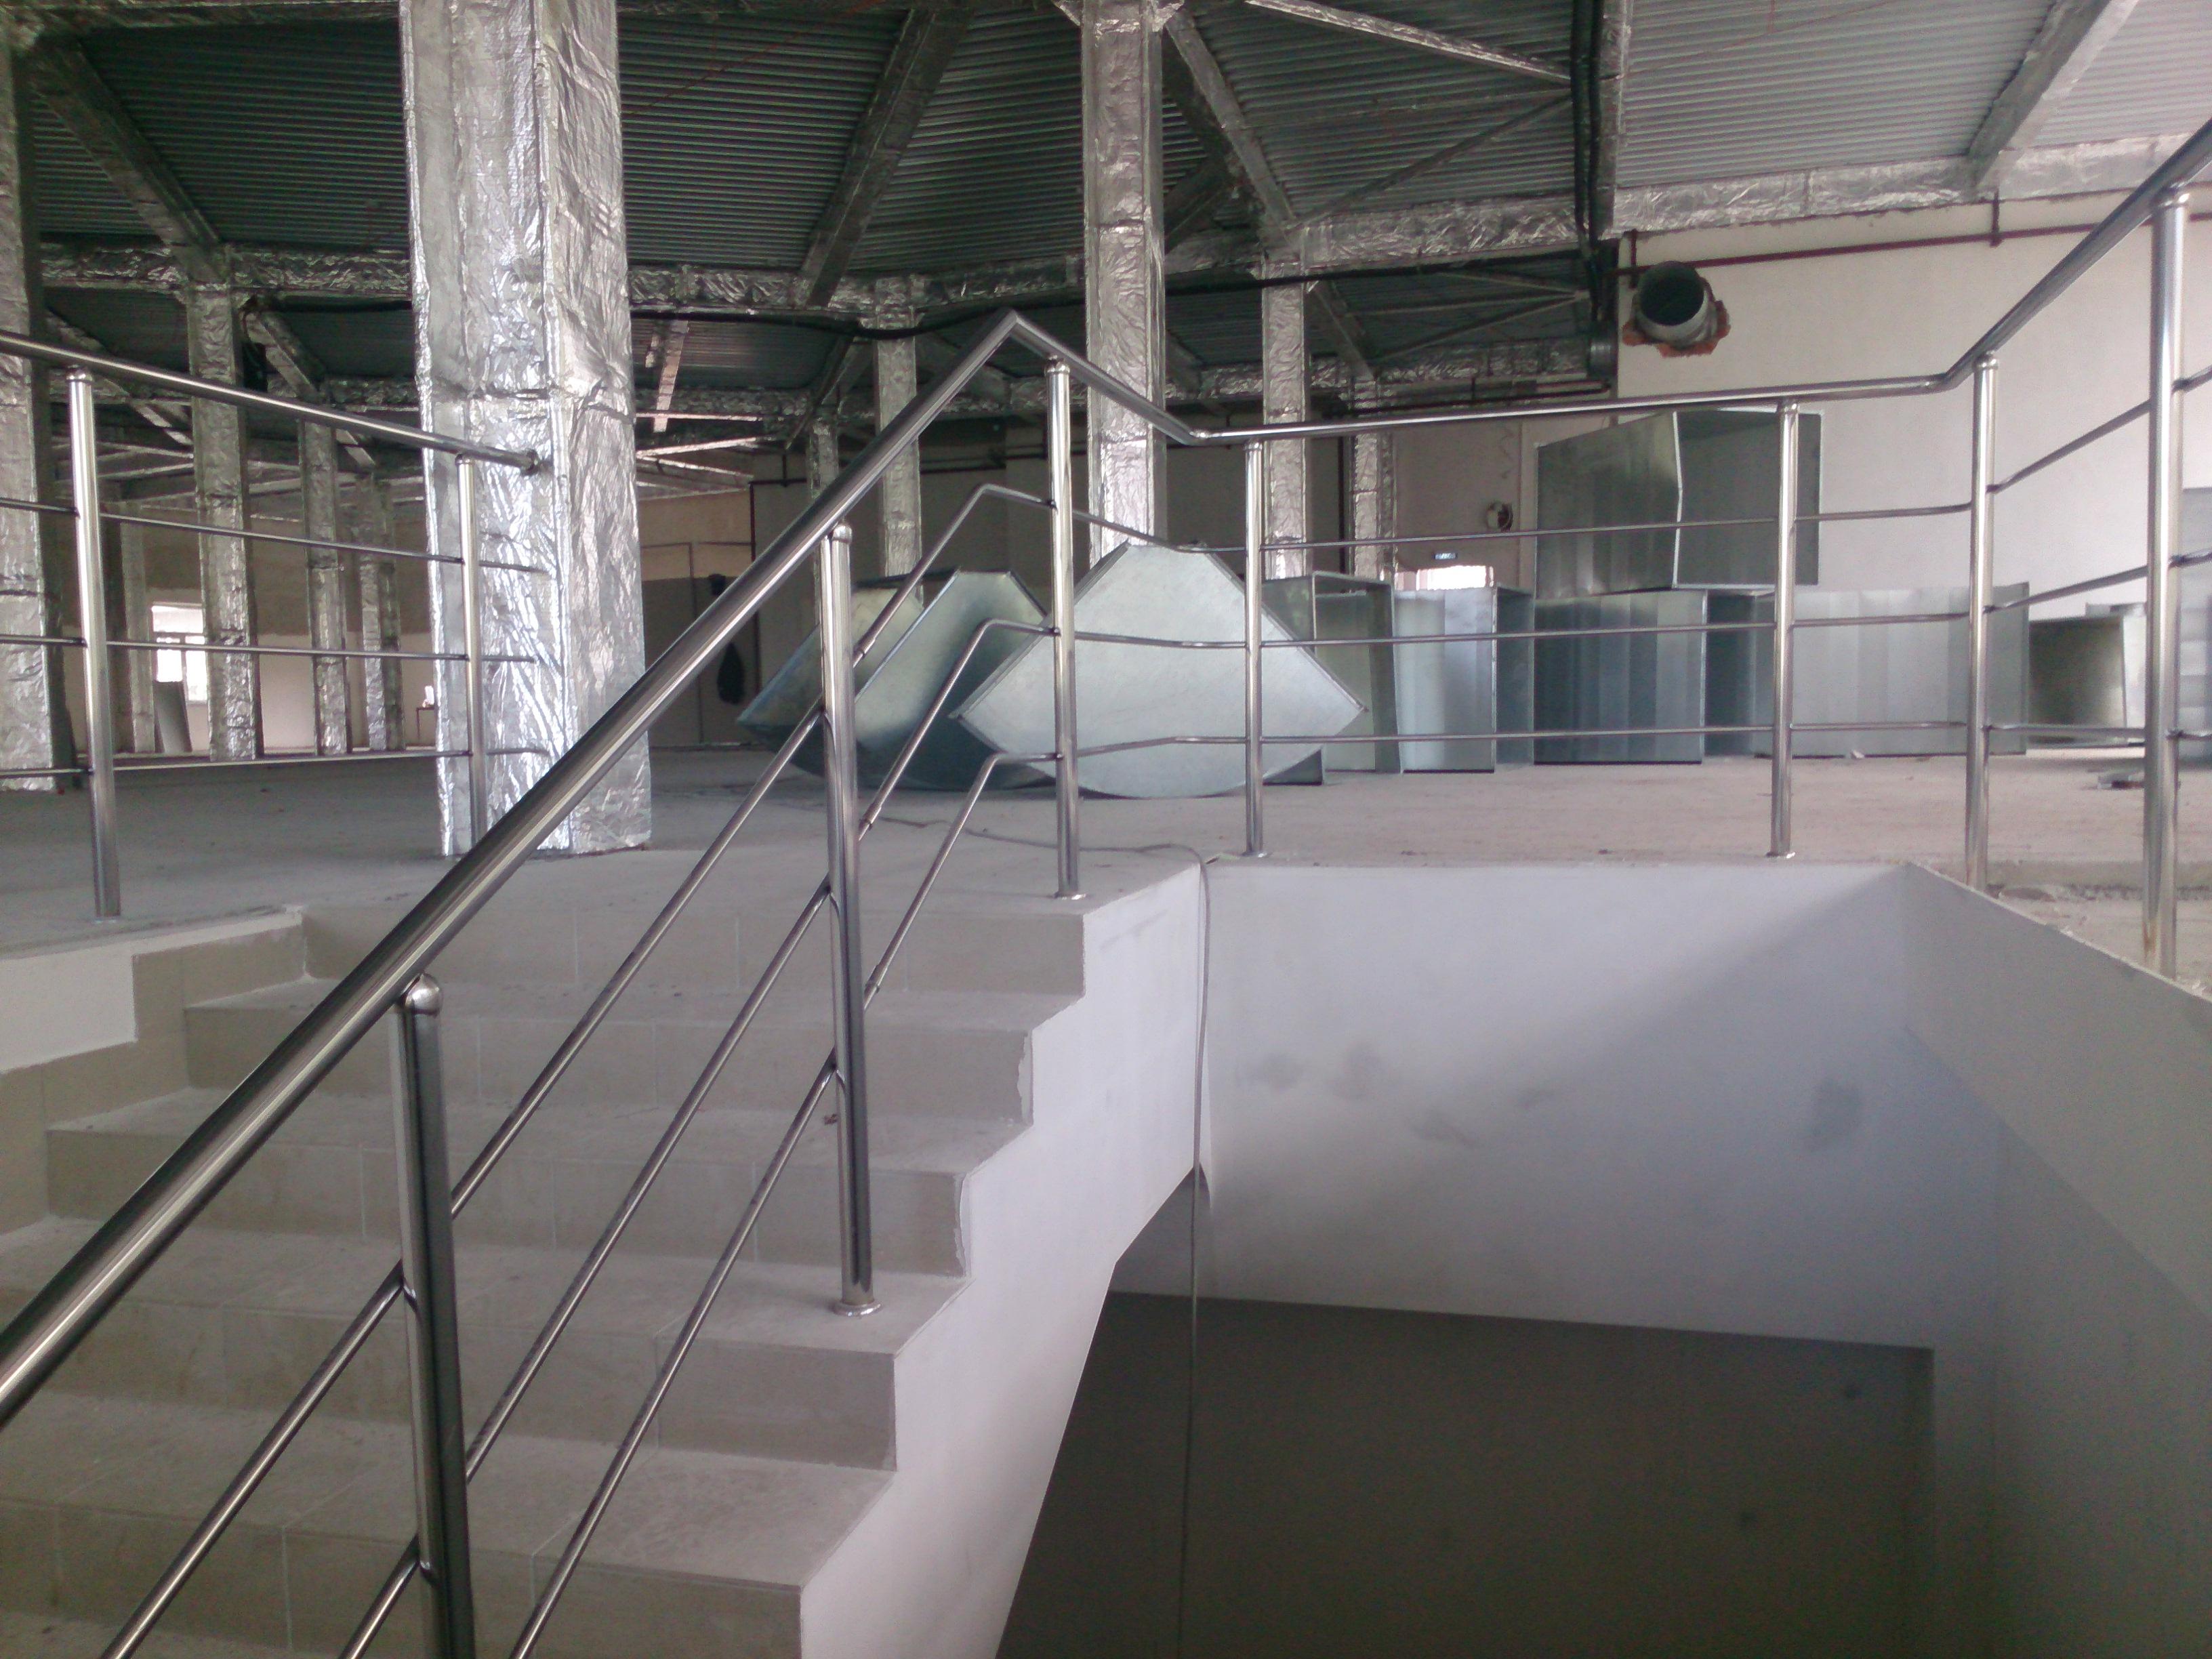 При ремонте крыши обязательно ли снимать старое покрытие